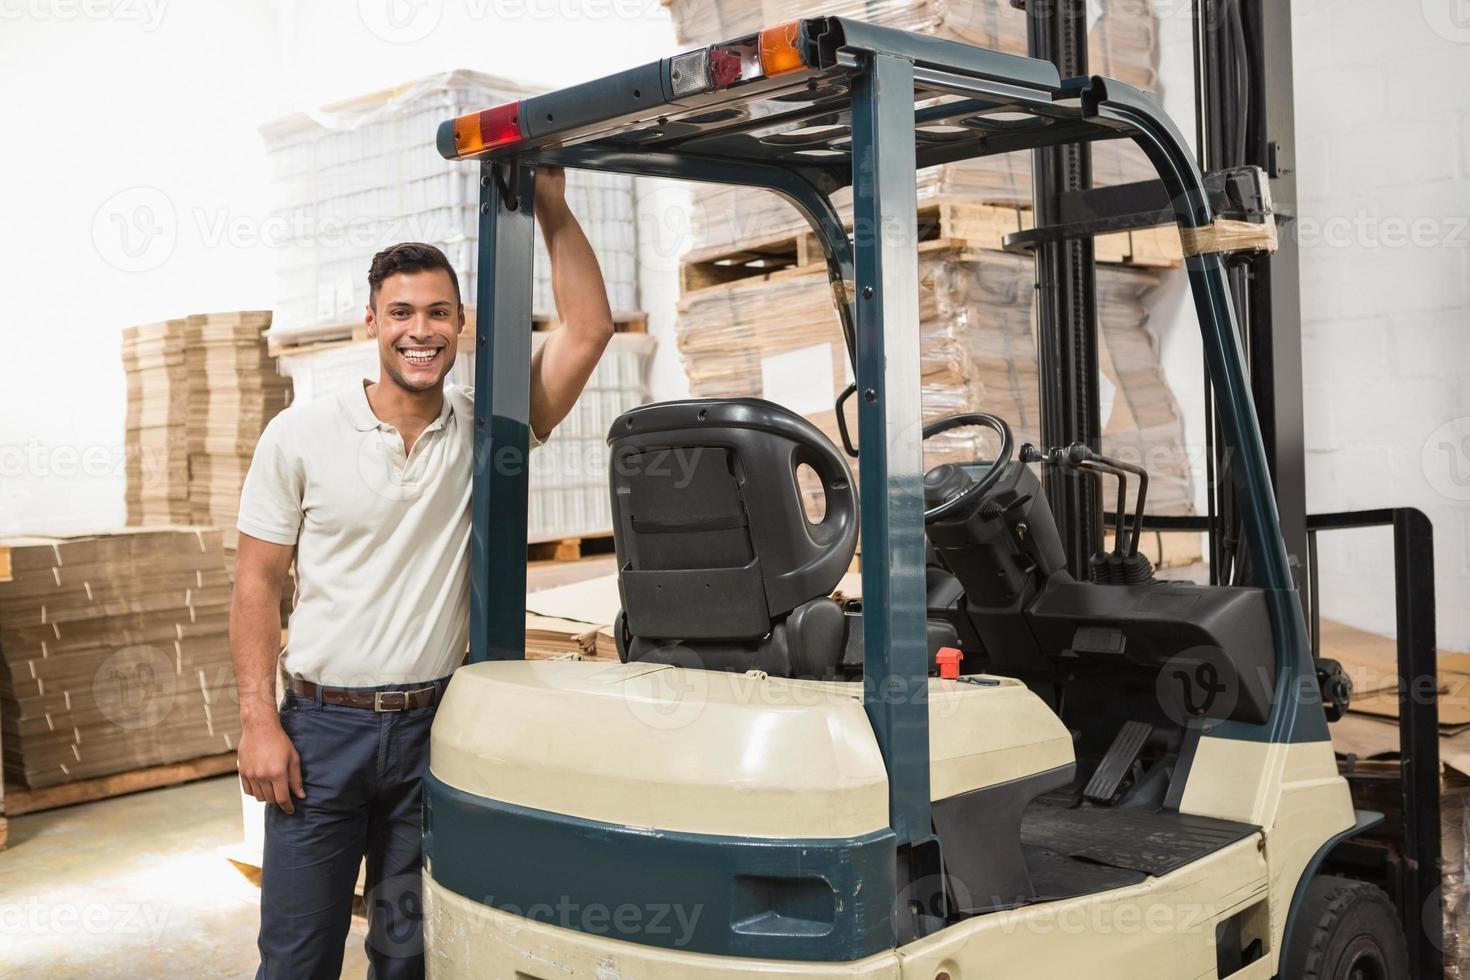 trabajador manual apoyado contra la carretilla elevadora foto